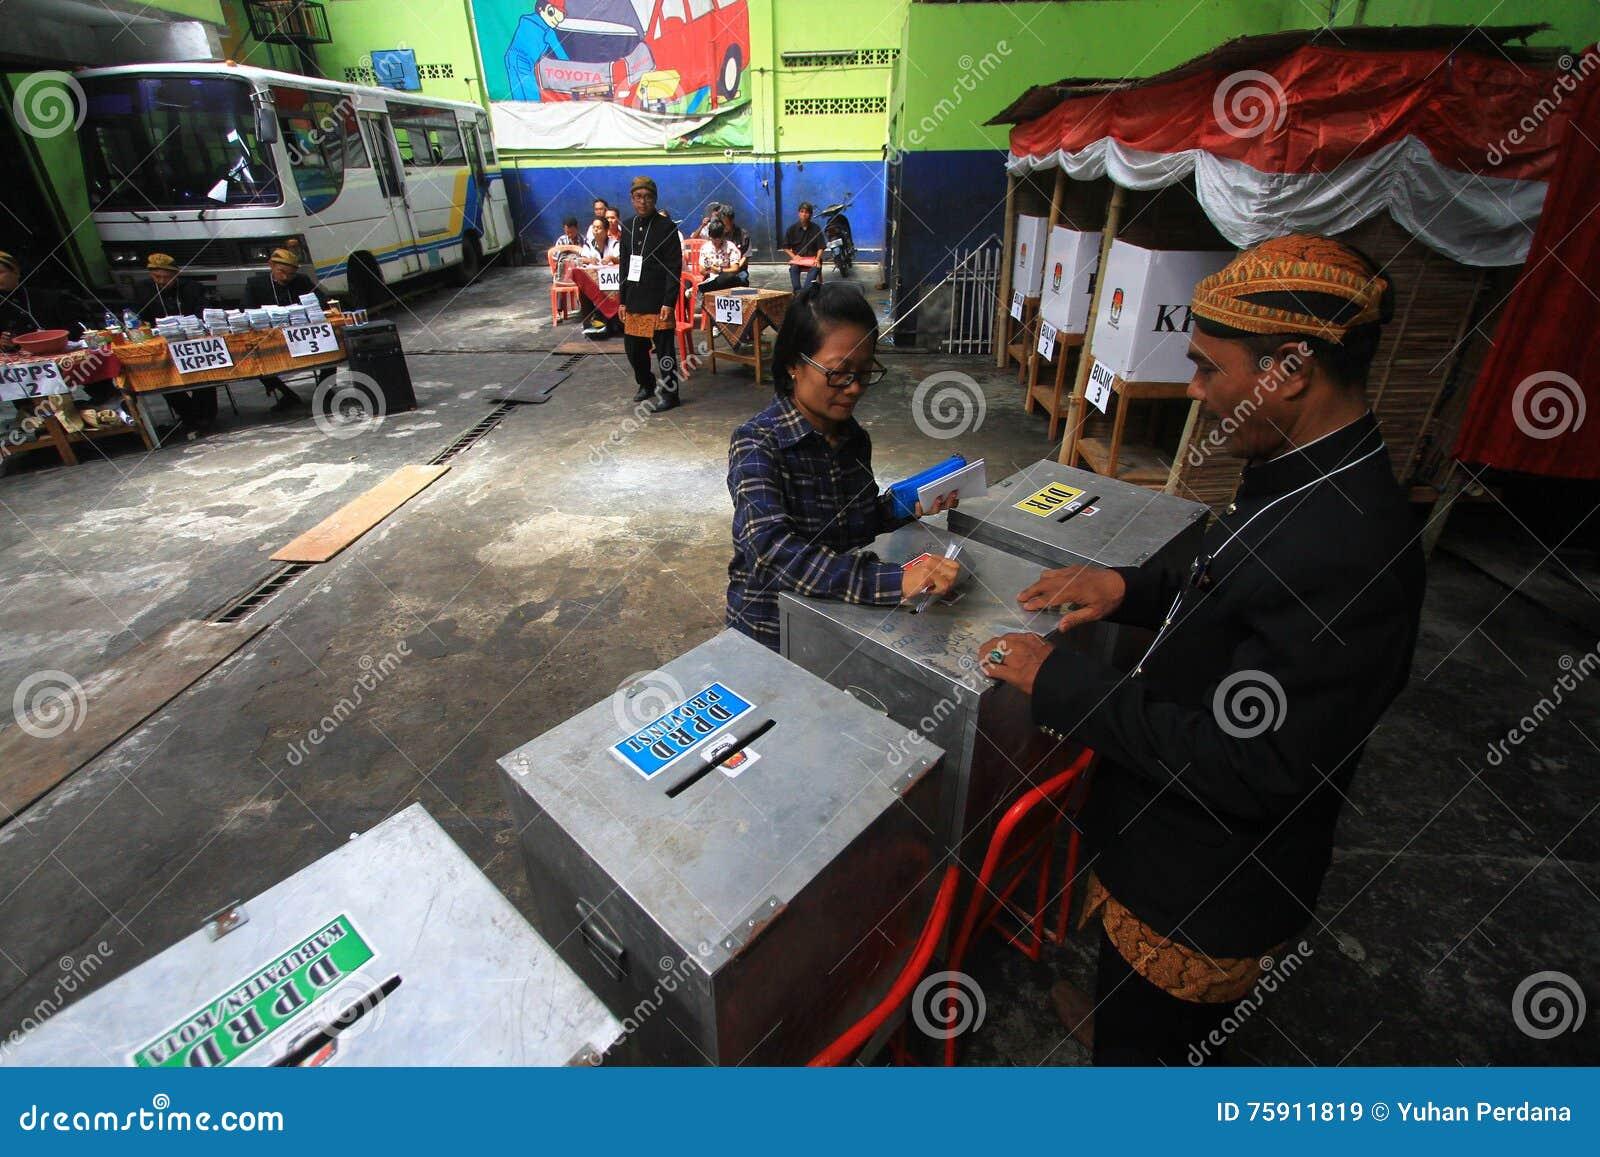 Δημοκρατική εκλογή κόμματος των αναπληρωτών ανθρώπων